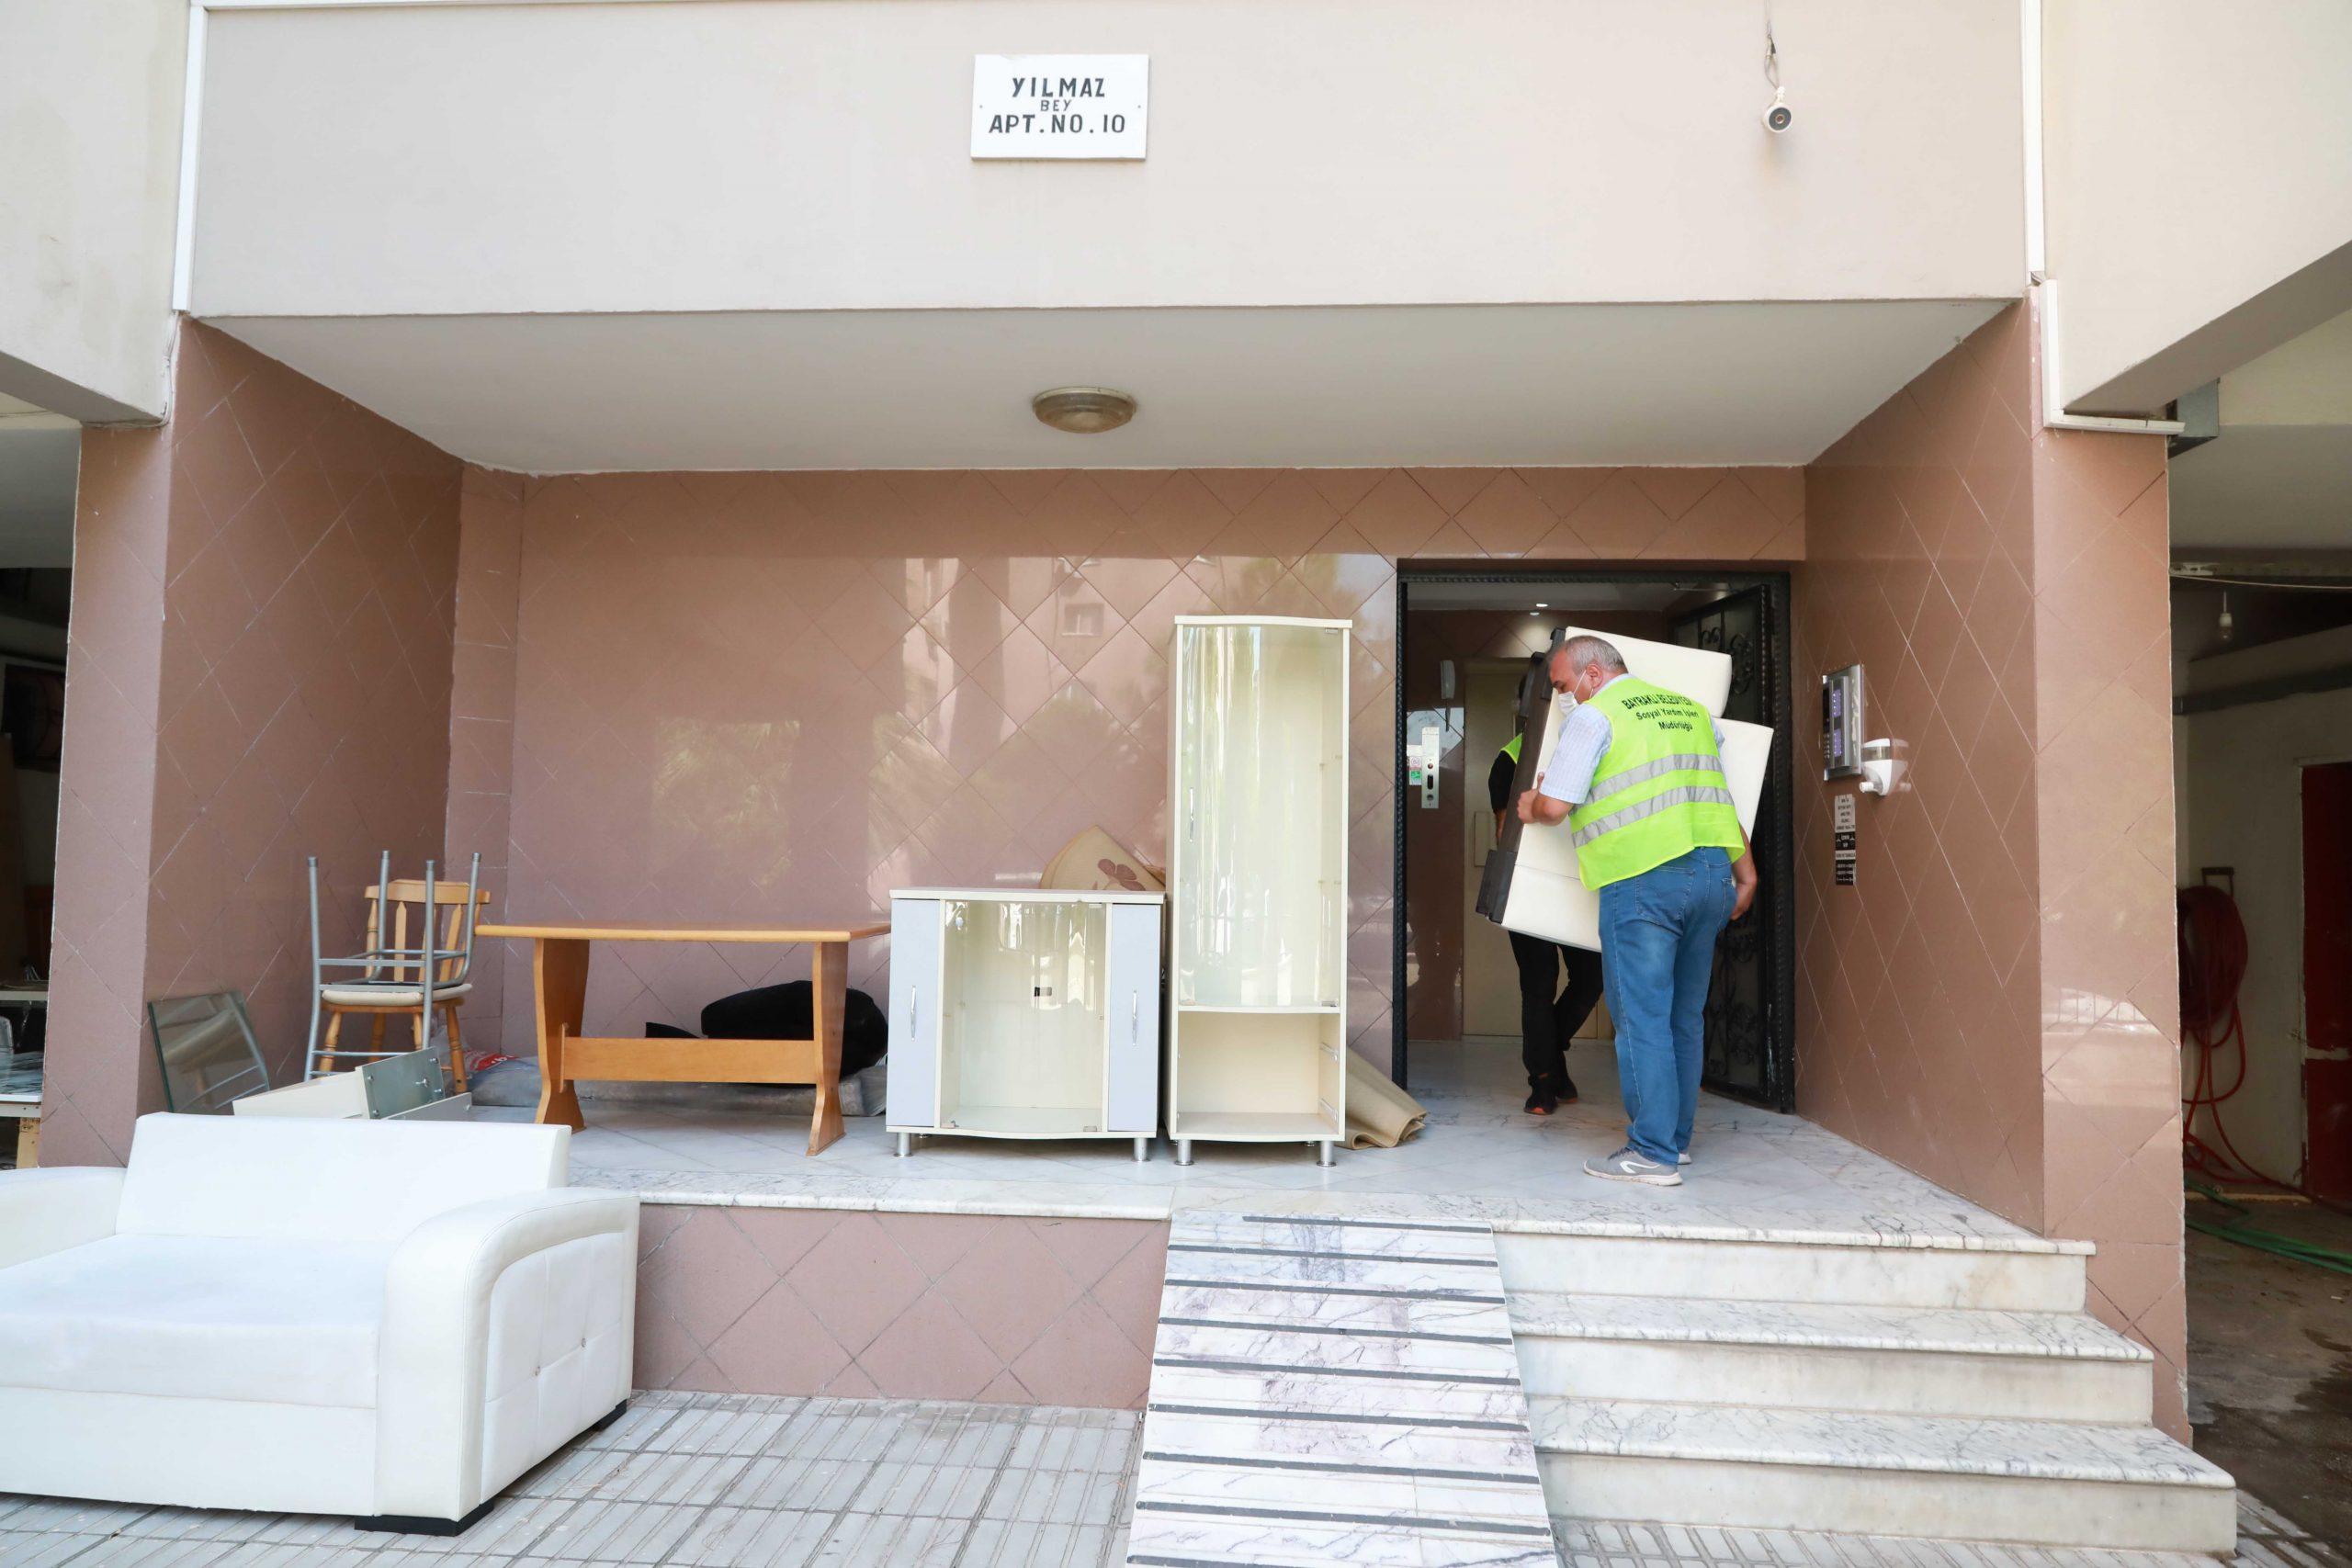 Bayraklı'da 185 ailenin ev eşyası yenilendi